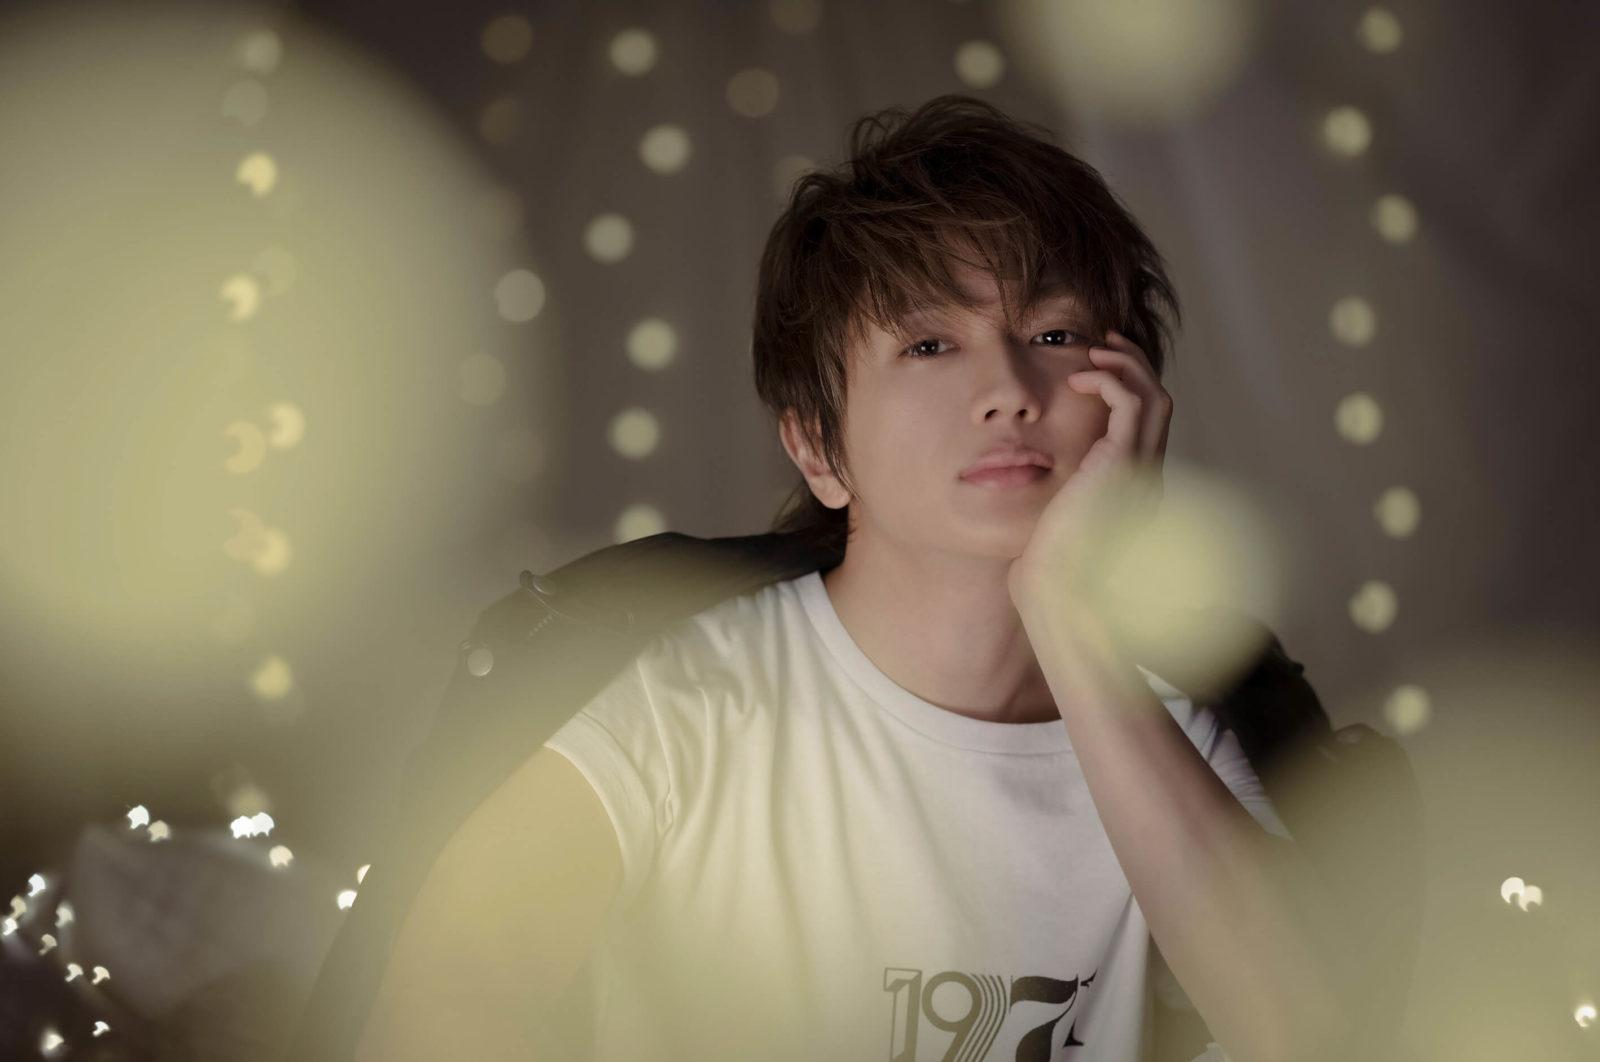 新曲「Relax & Chill」MV公開でファン反響